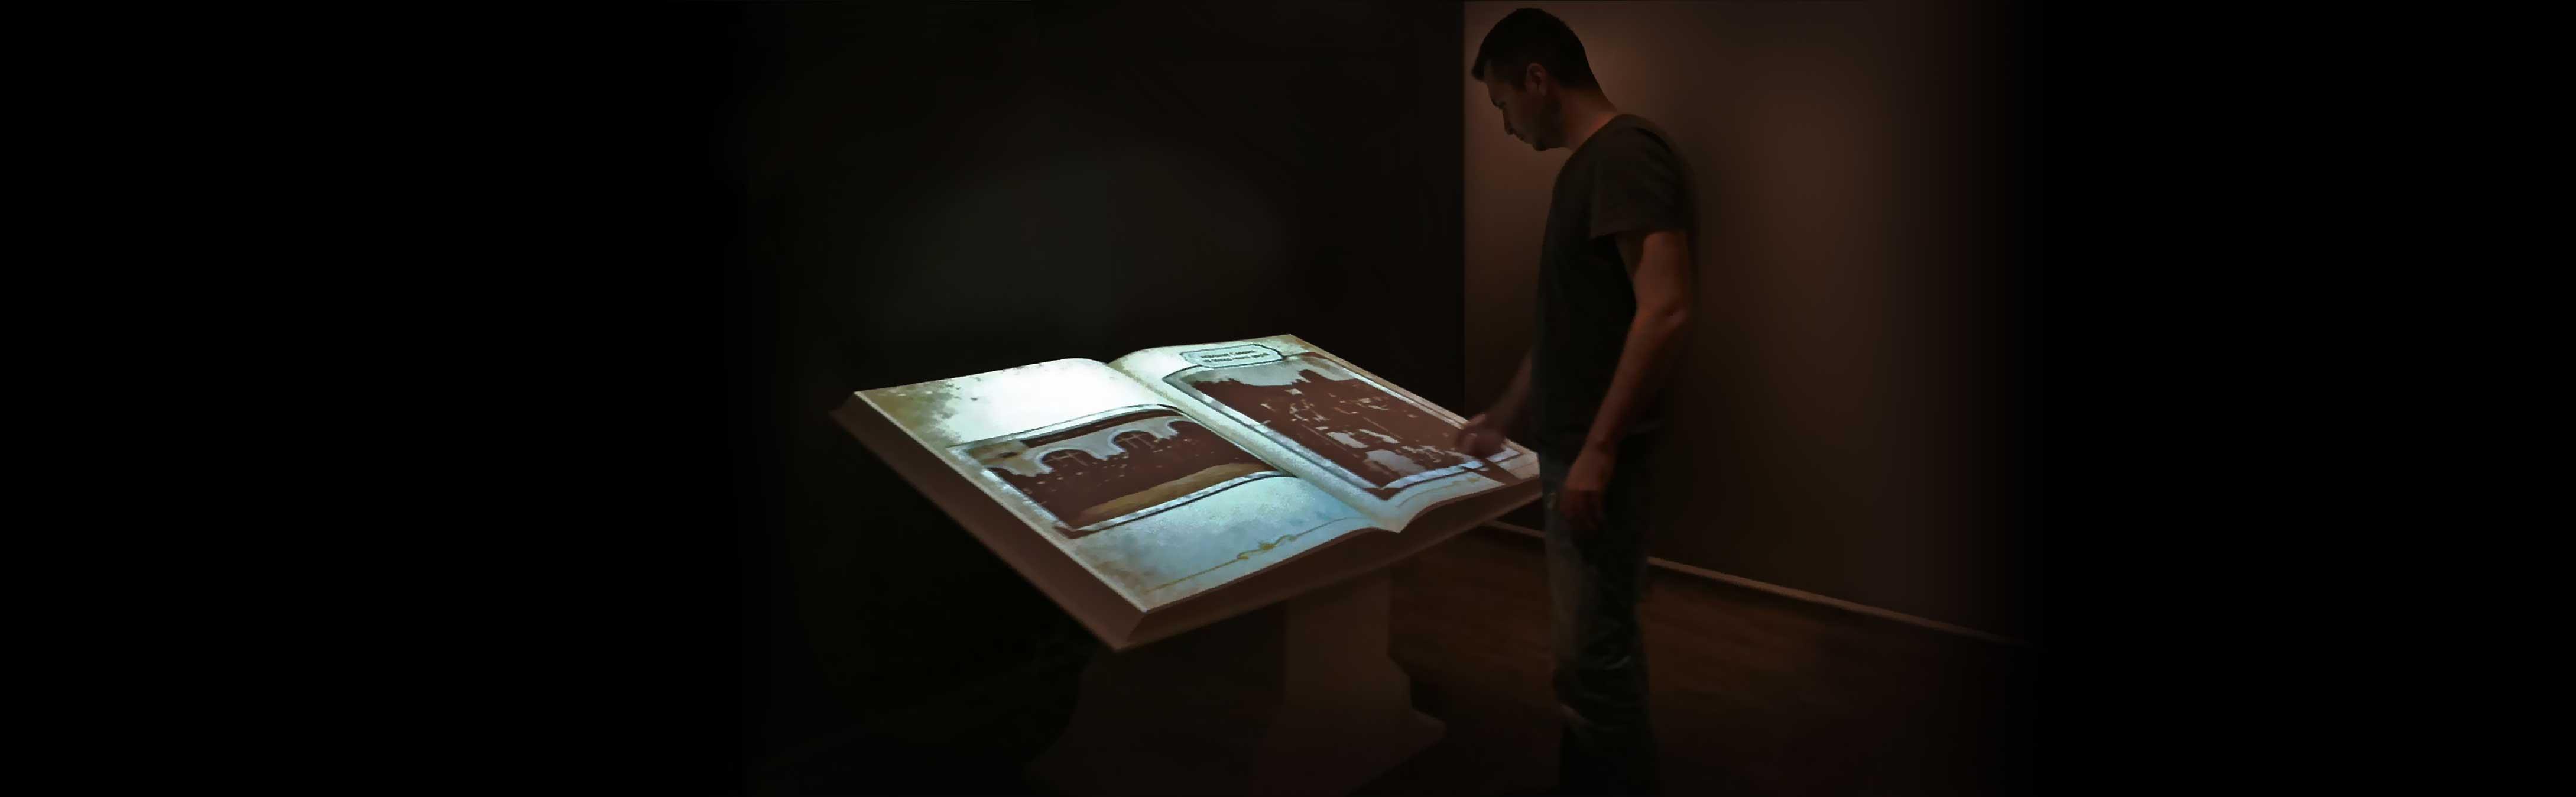 Interactive Book Kiosk